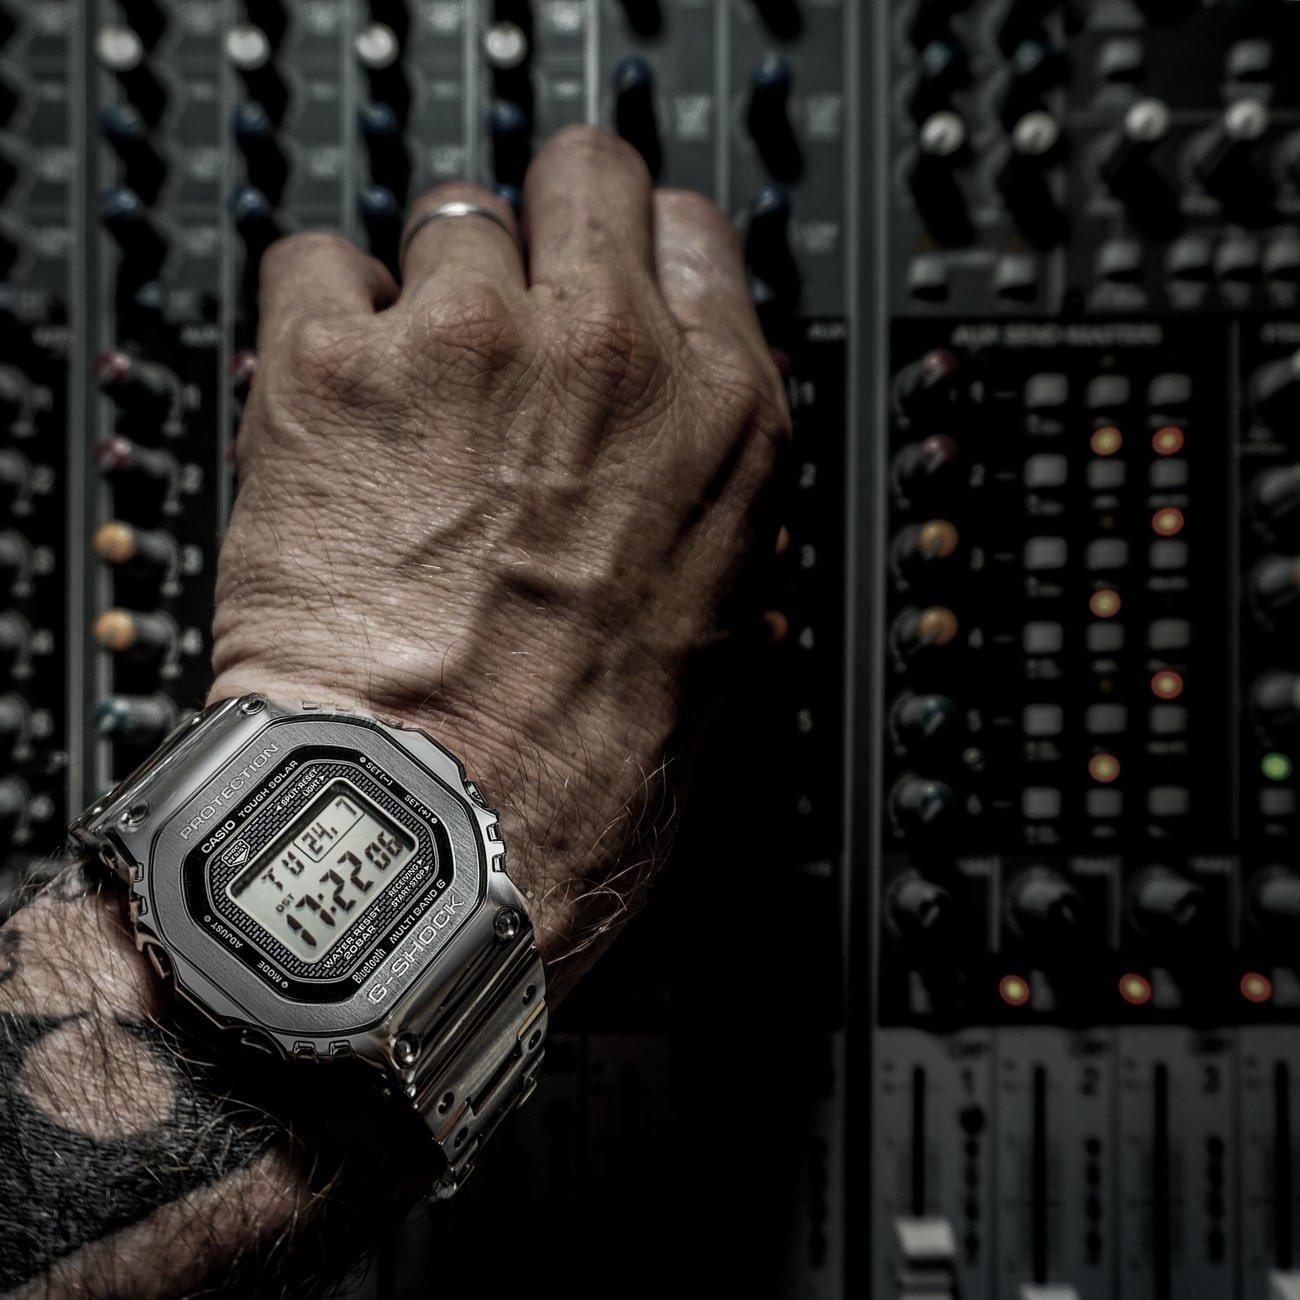 Modowy, męski zegarek G-Shock z solarnym mechanizmem oraz automatycznym datownikiem.